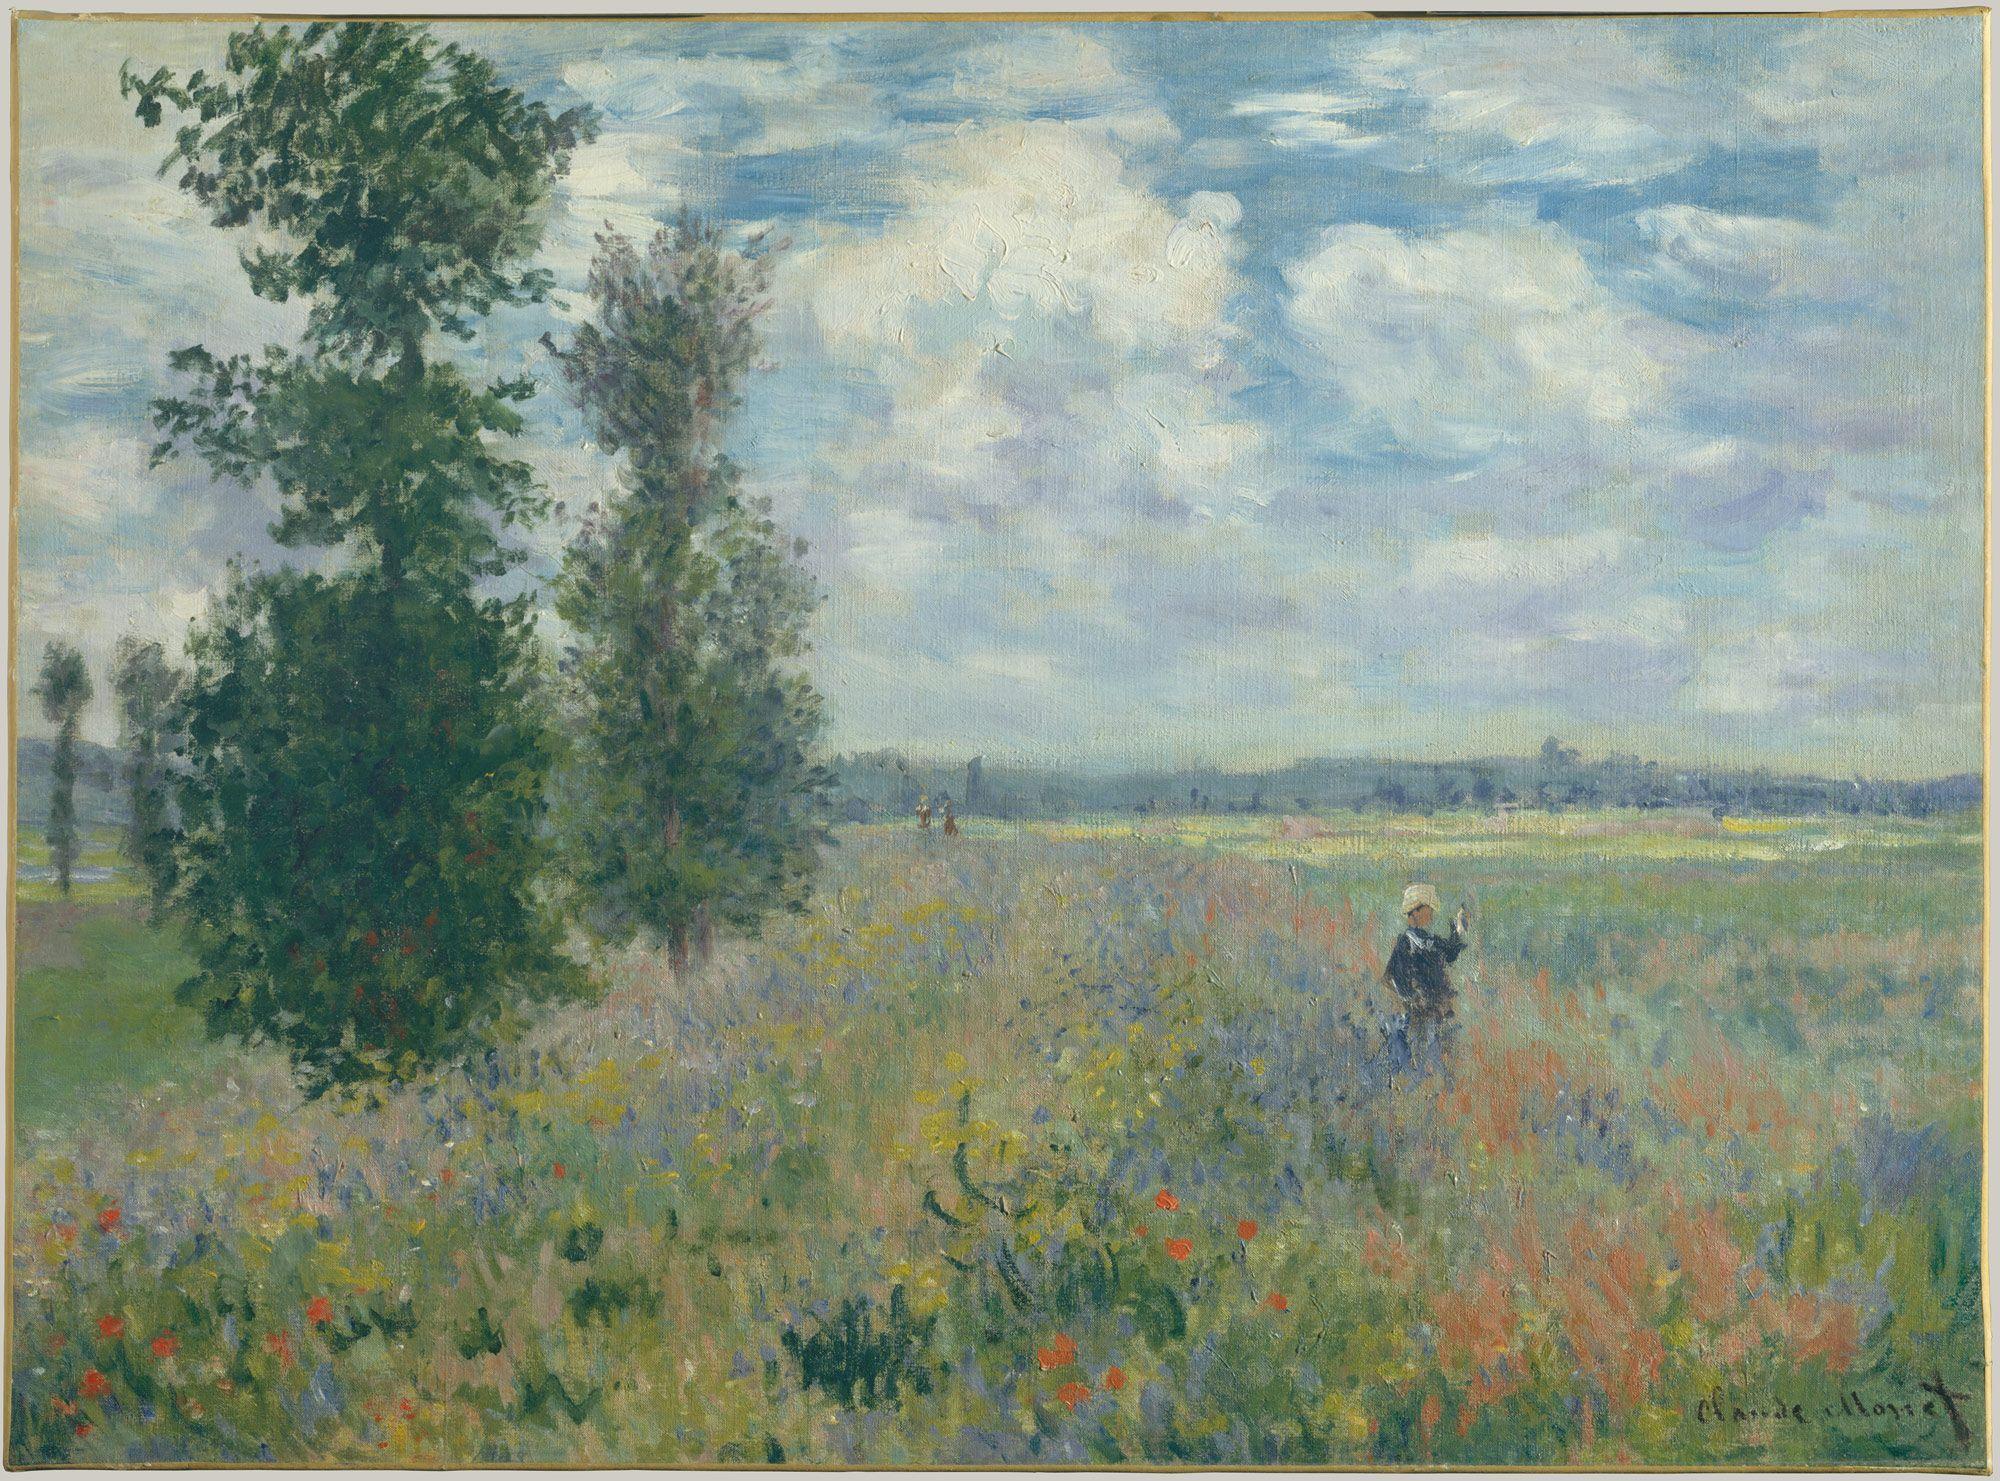 Claude Monet Poppy Fields Near Argenteuil The Metropolitan Museum Of Art Monet Art Claude Monet Paintings Artist Monet